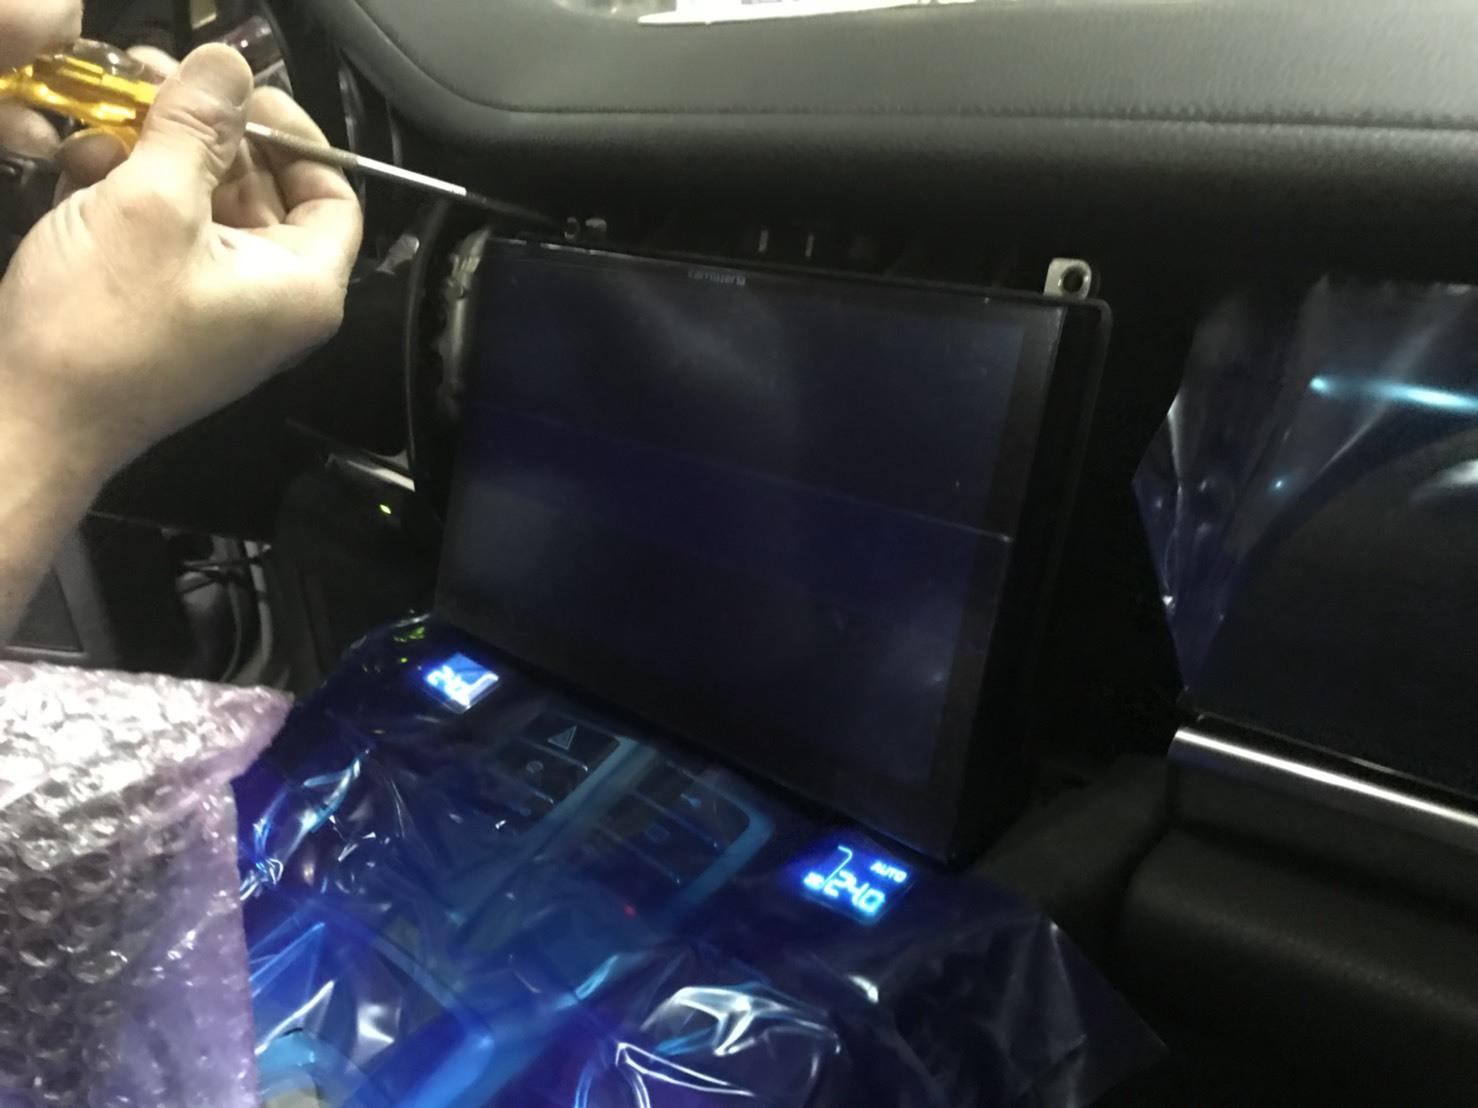 2月26日(月)トミーベース カスタムブログ☆新型QX802台入庫確定☆LS460後期AWD LS600hLエグゼクティブPKGもご紹介していきます☆_b0127002_11444535.jpg